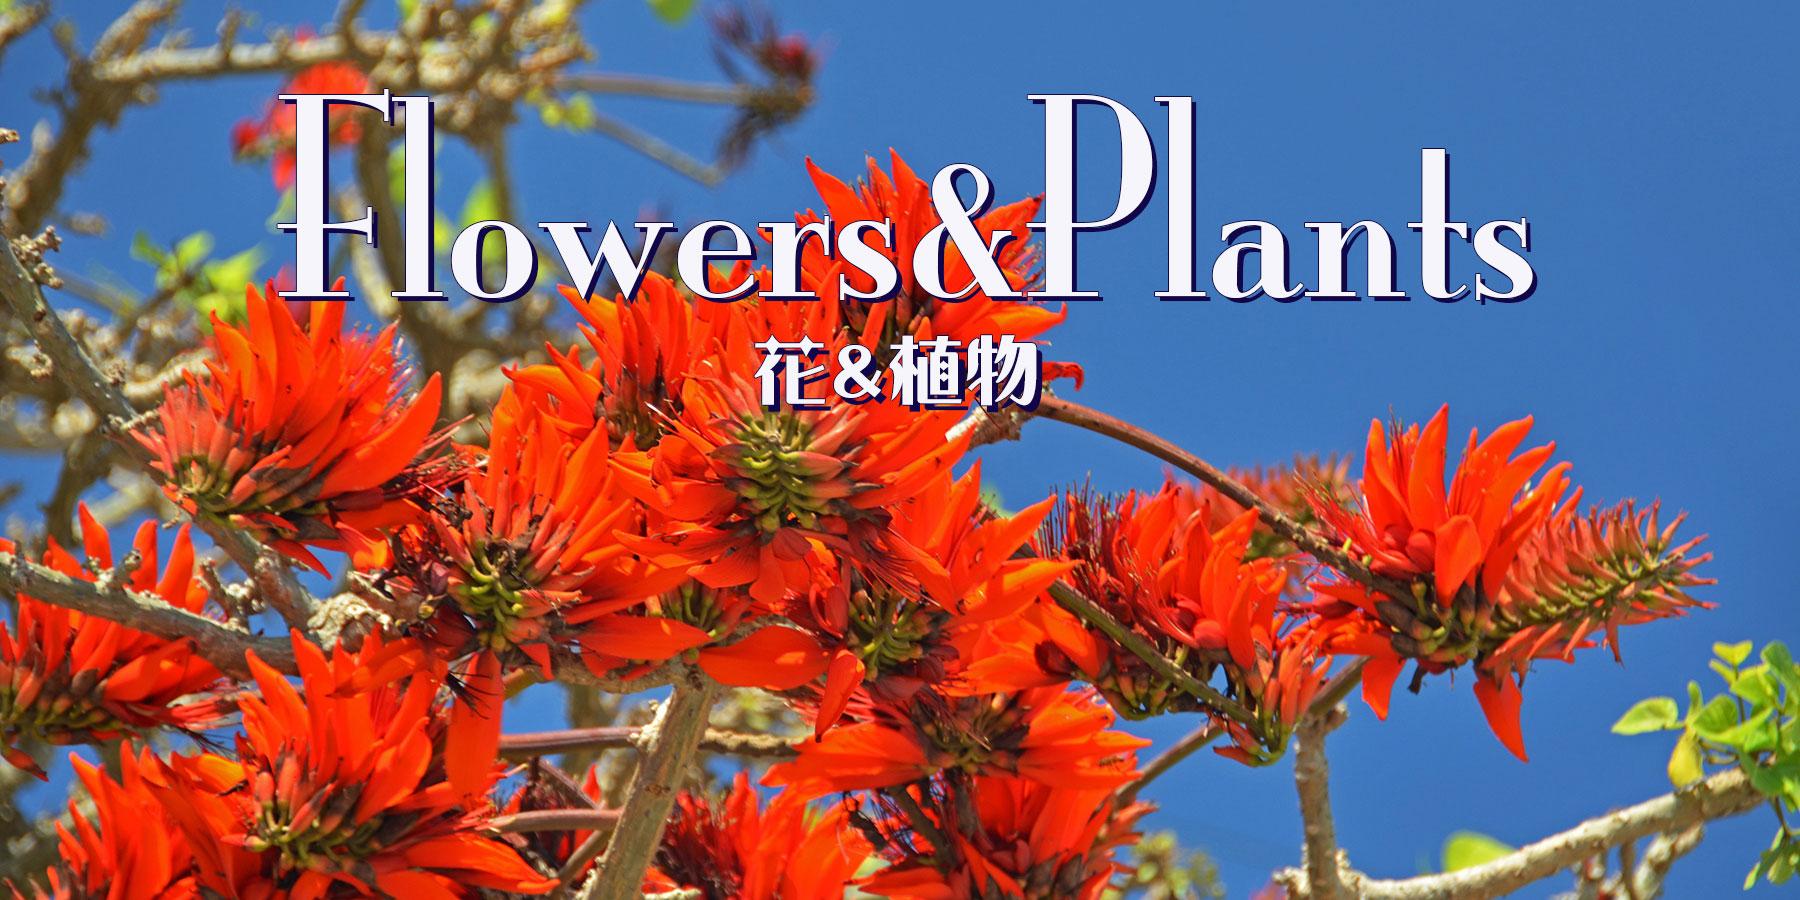 宮古島の花と植物